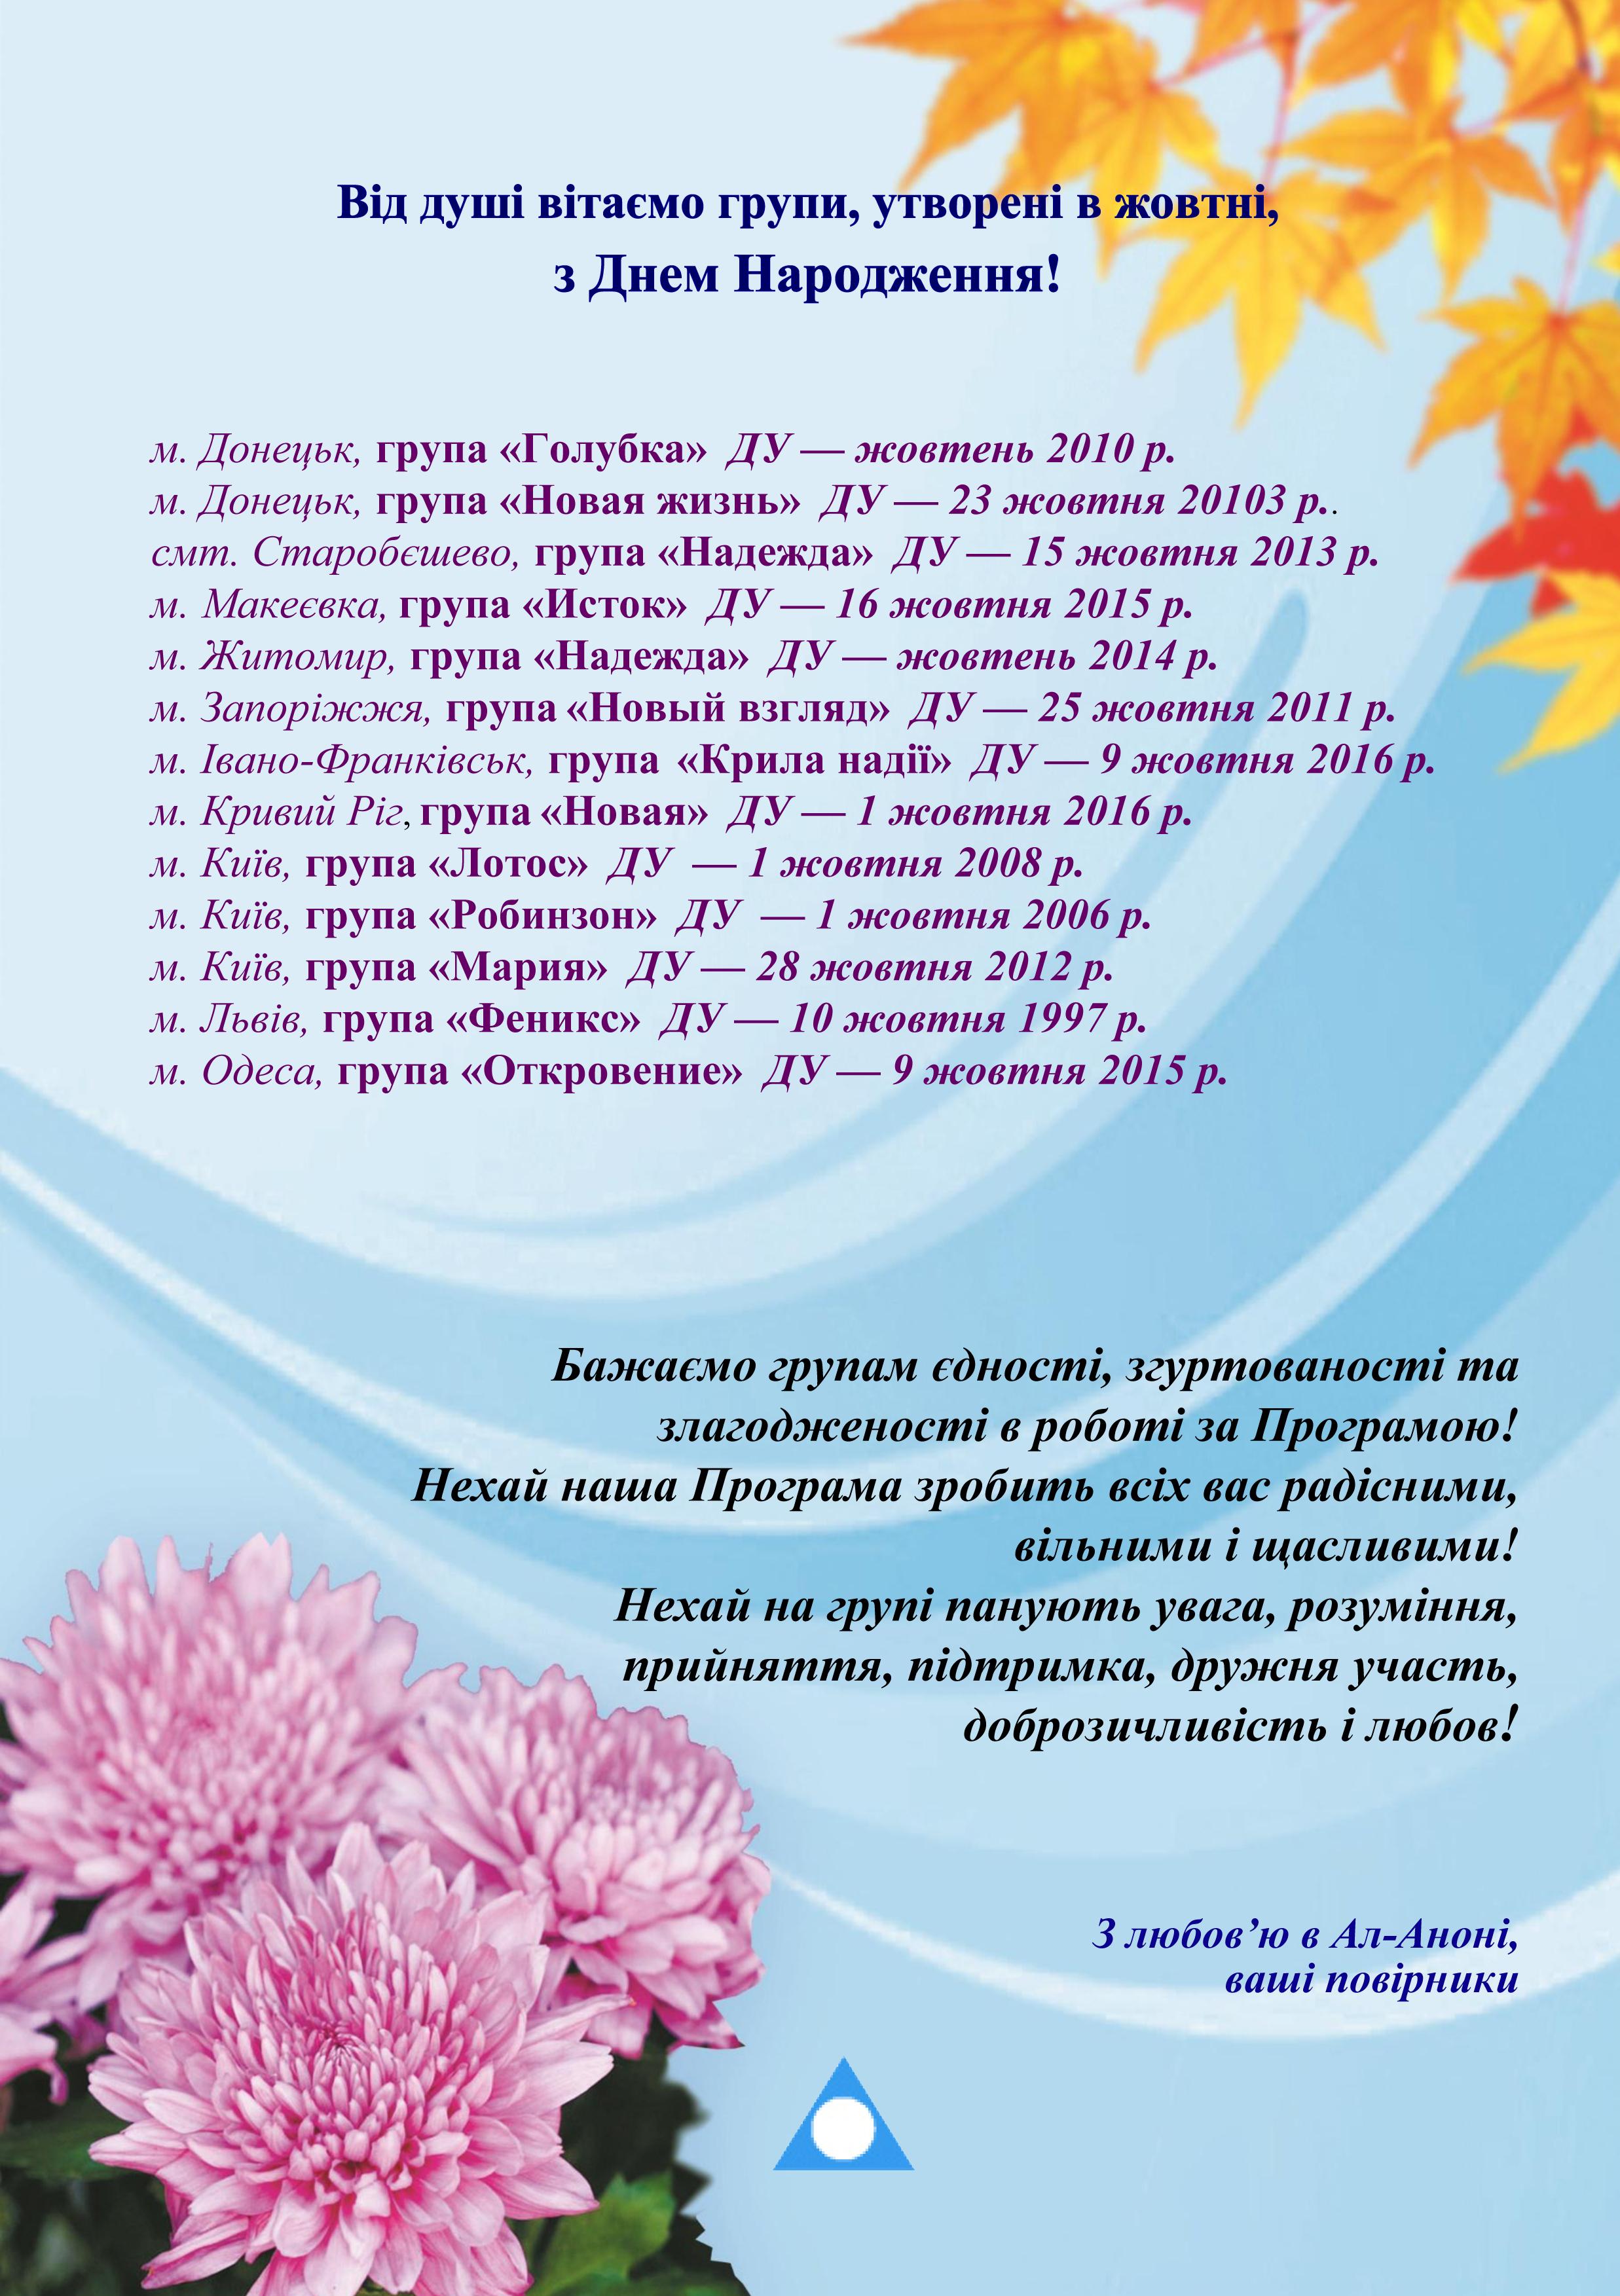 Поздравление_октябрь2017-укр